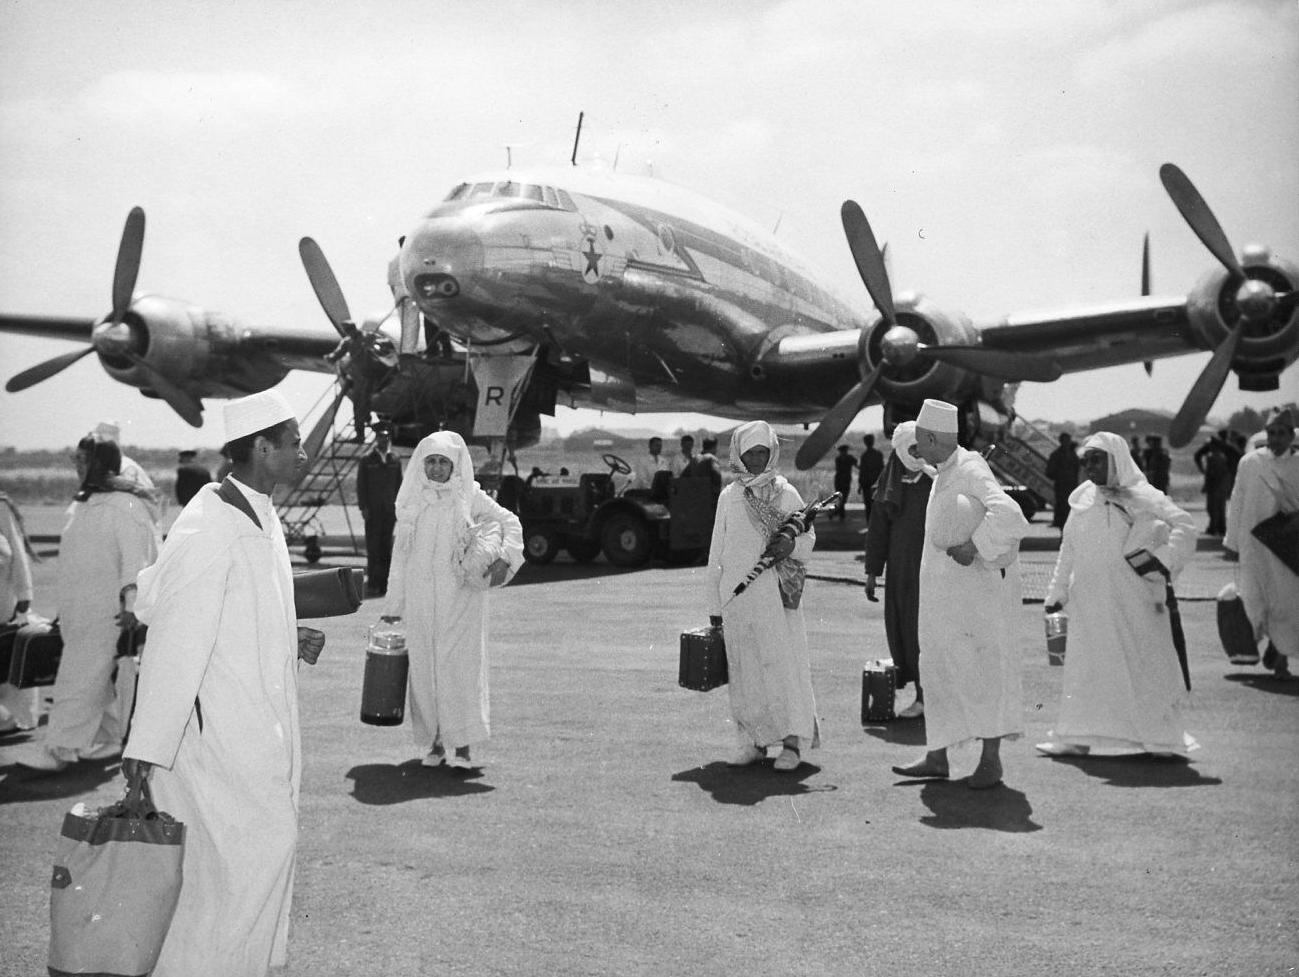 Anciens avions de la RAM - Page 4 49279479438_9c28a3b471_o_d